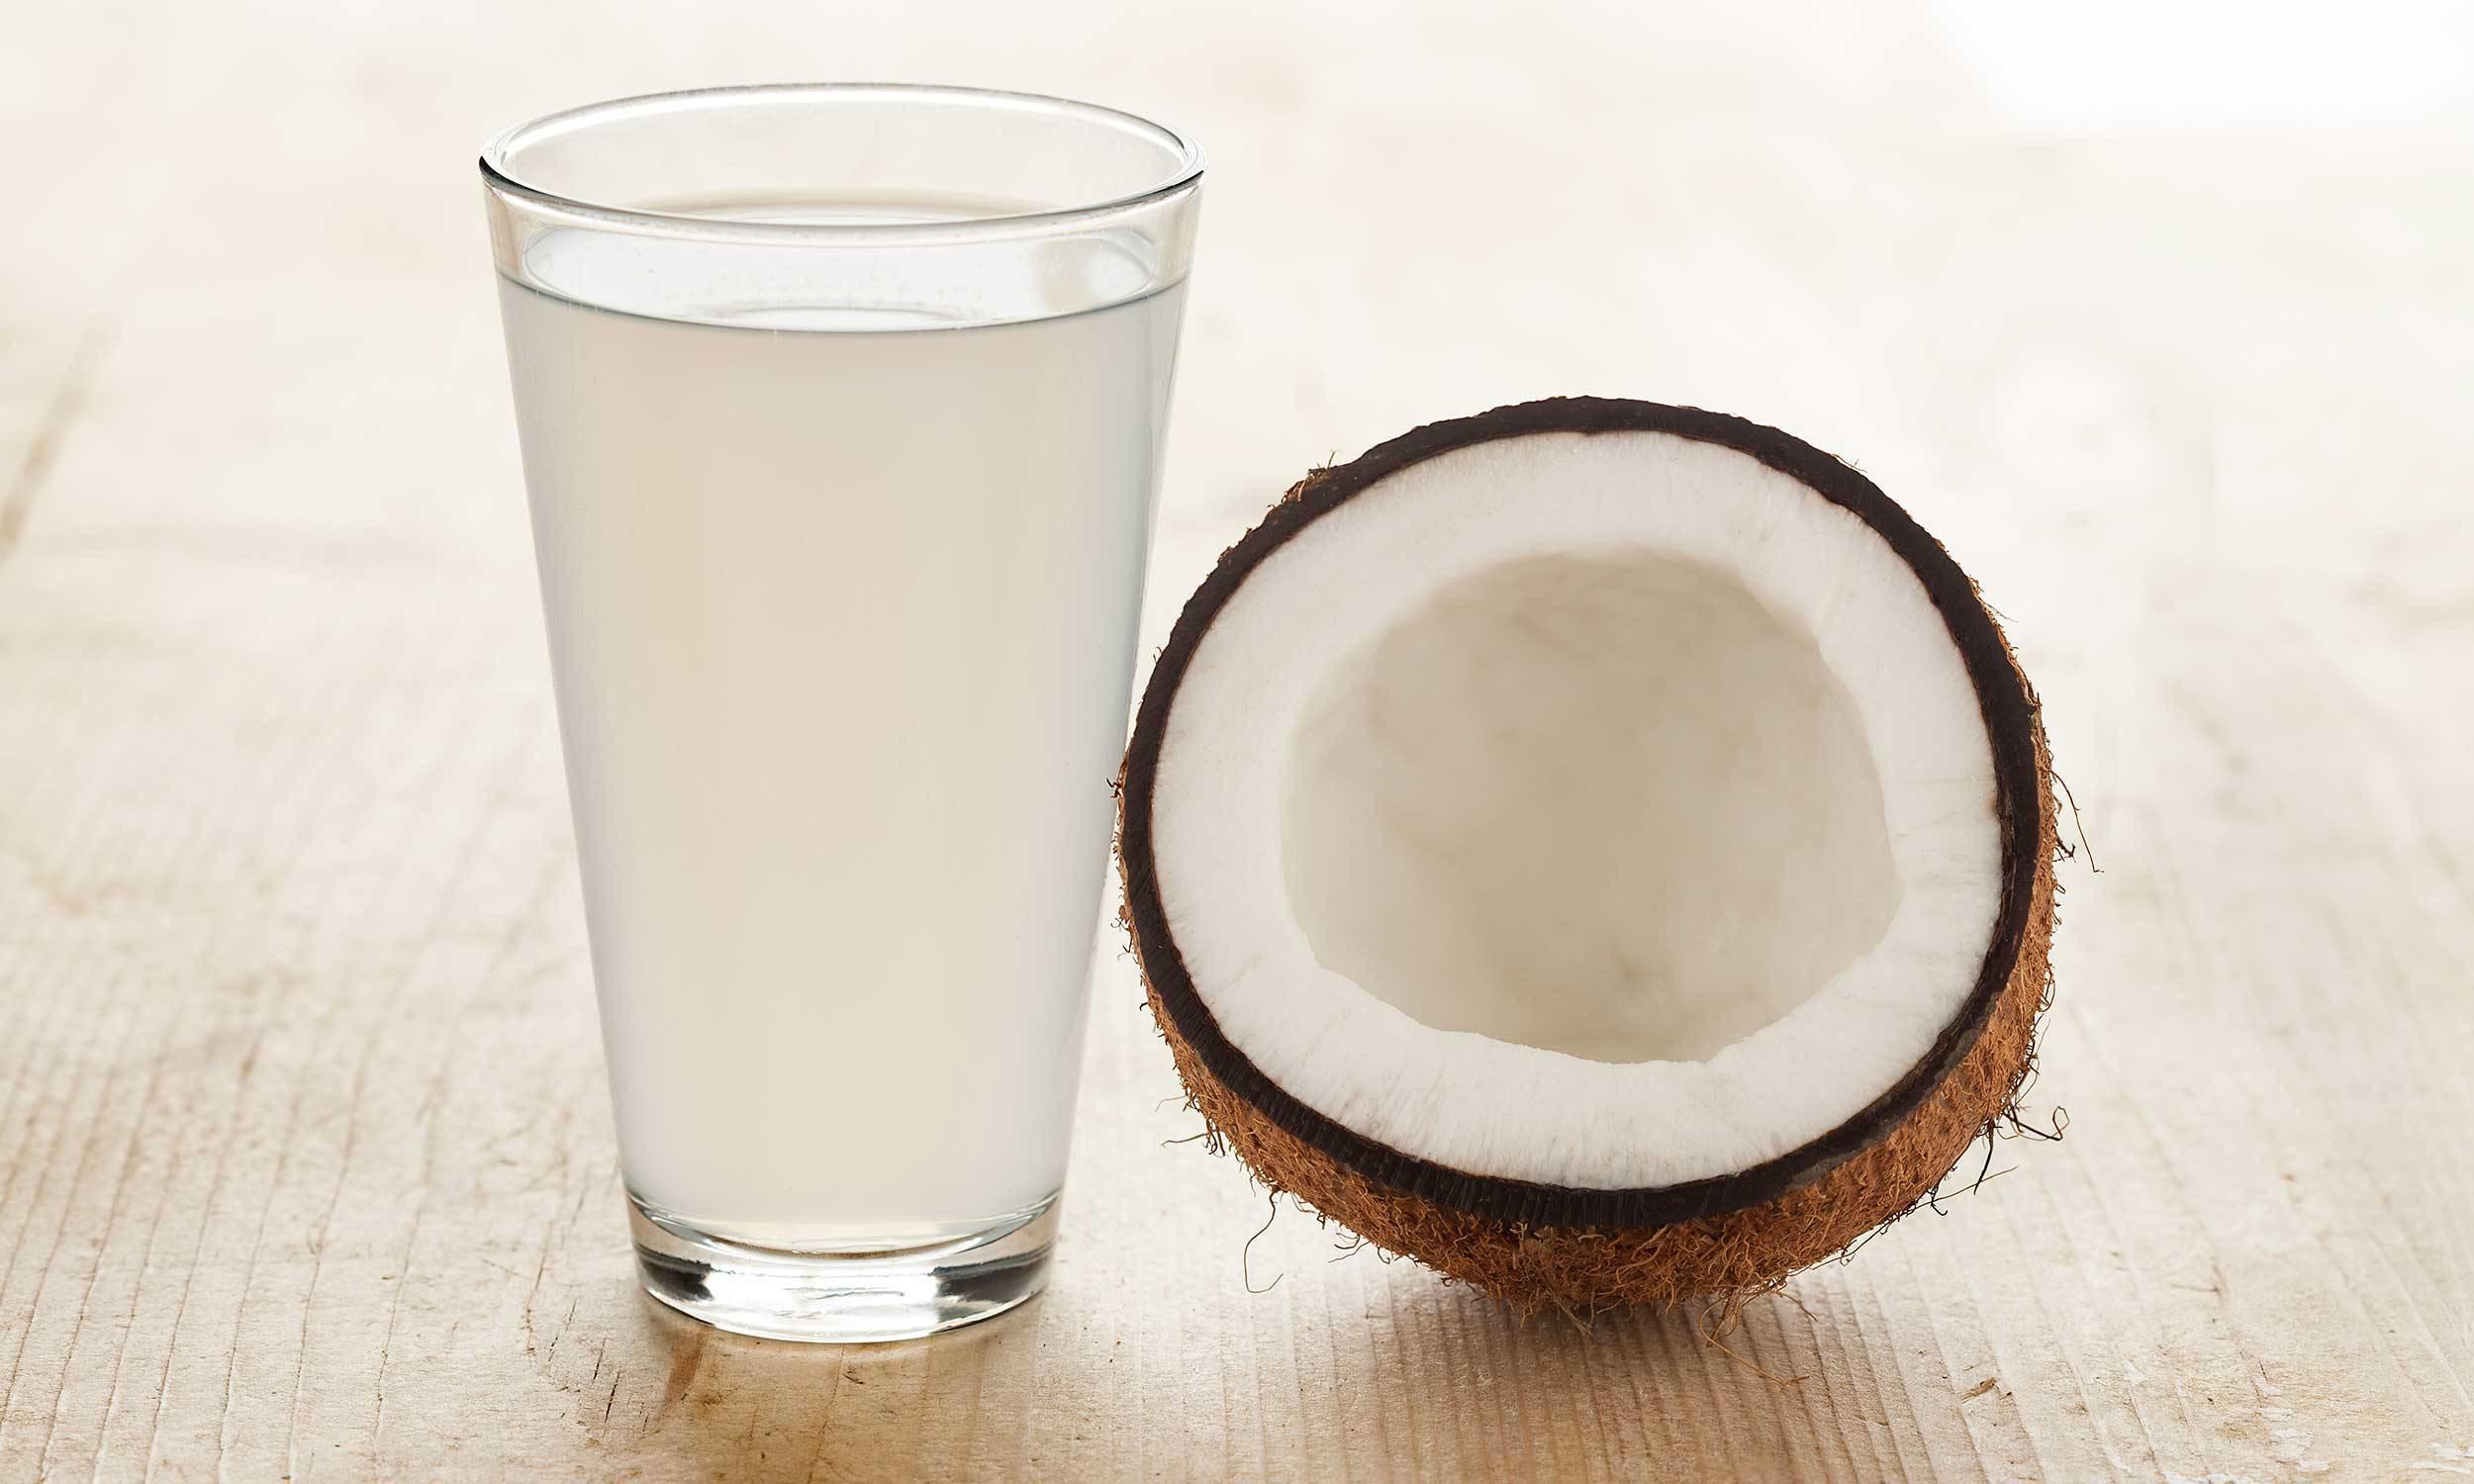 L'acqua di cocco è molto diversa per composizione e benefici dal latte di cocco